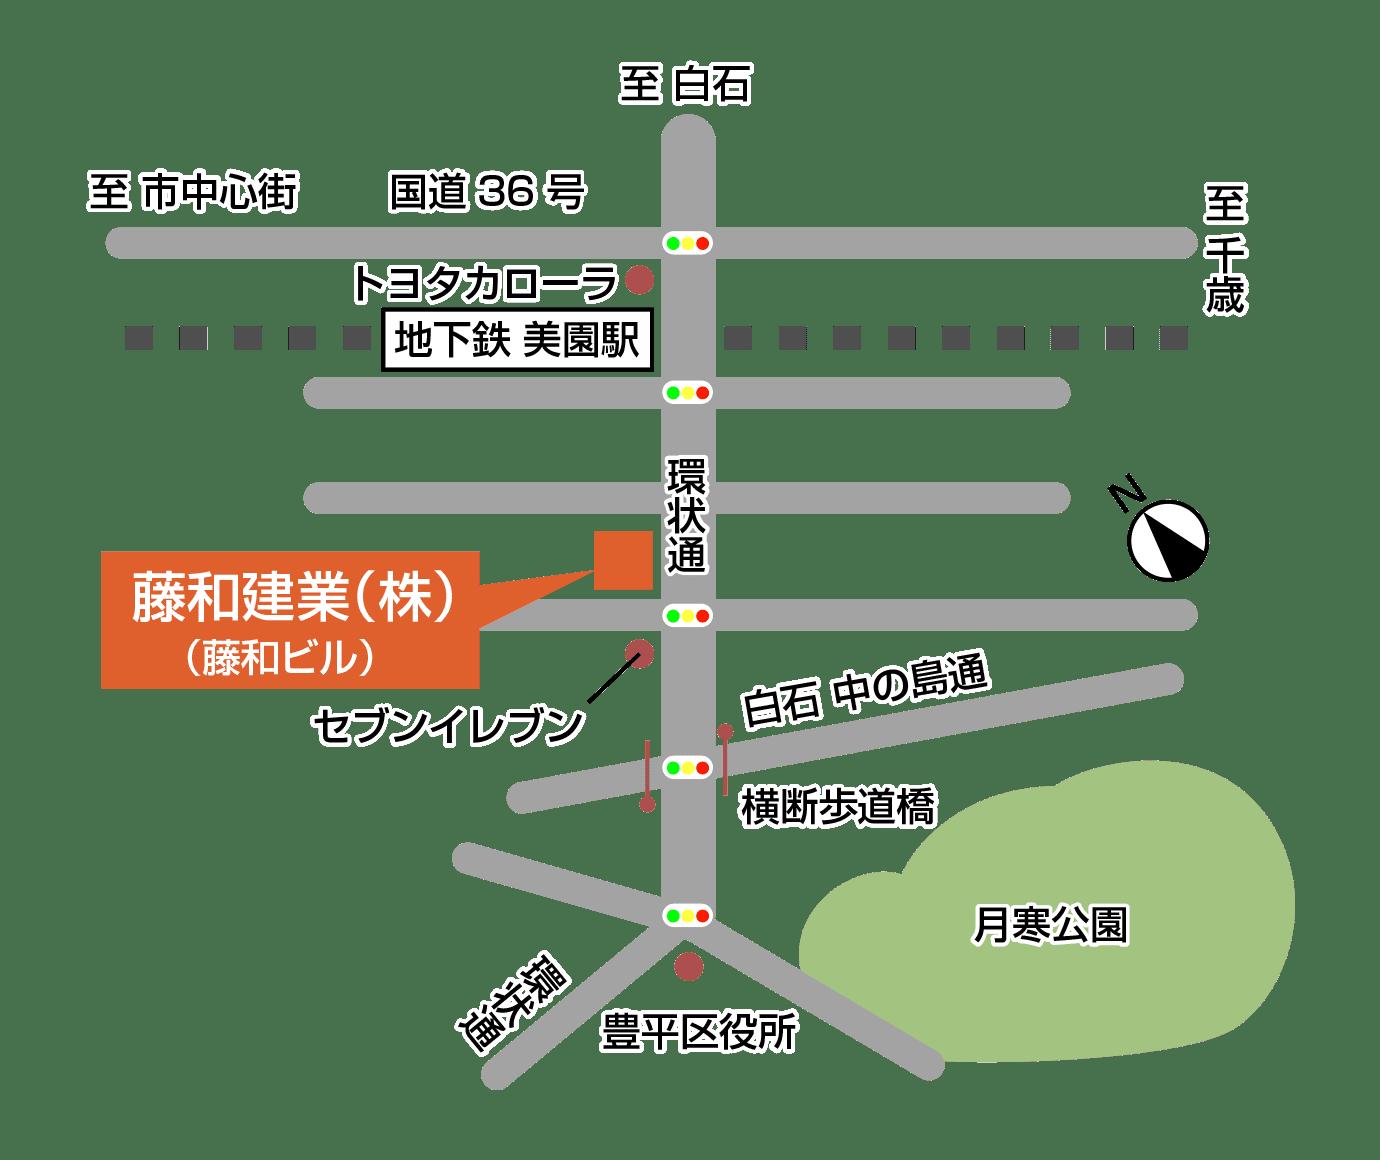 地図:藤和建業株式会社へのアクセス